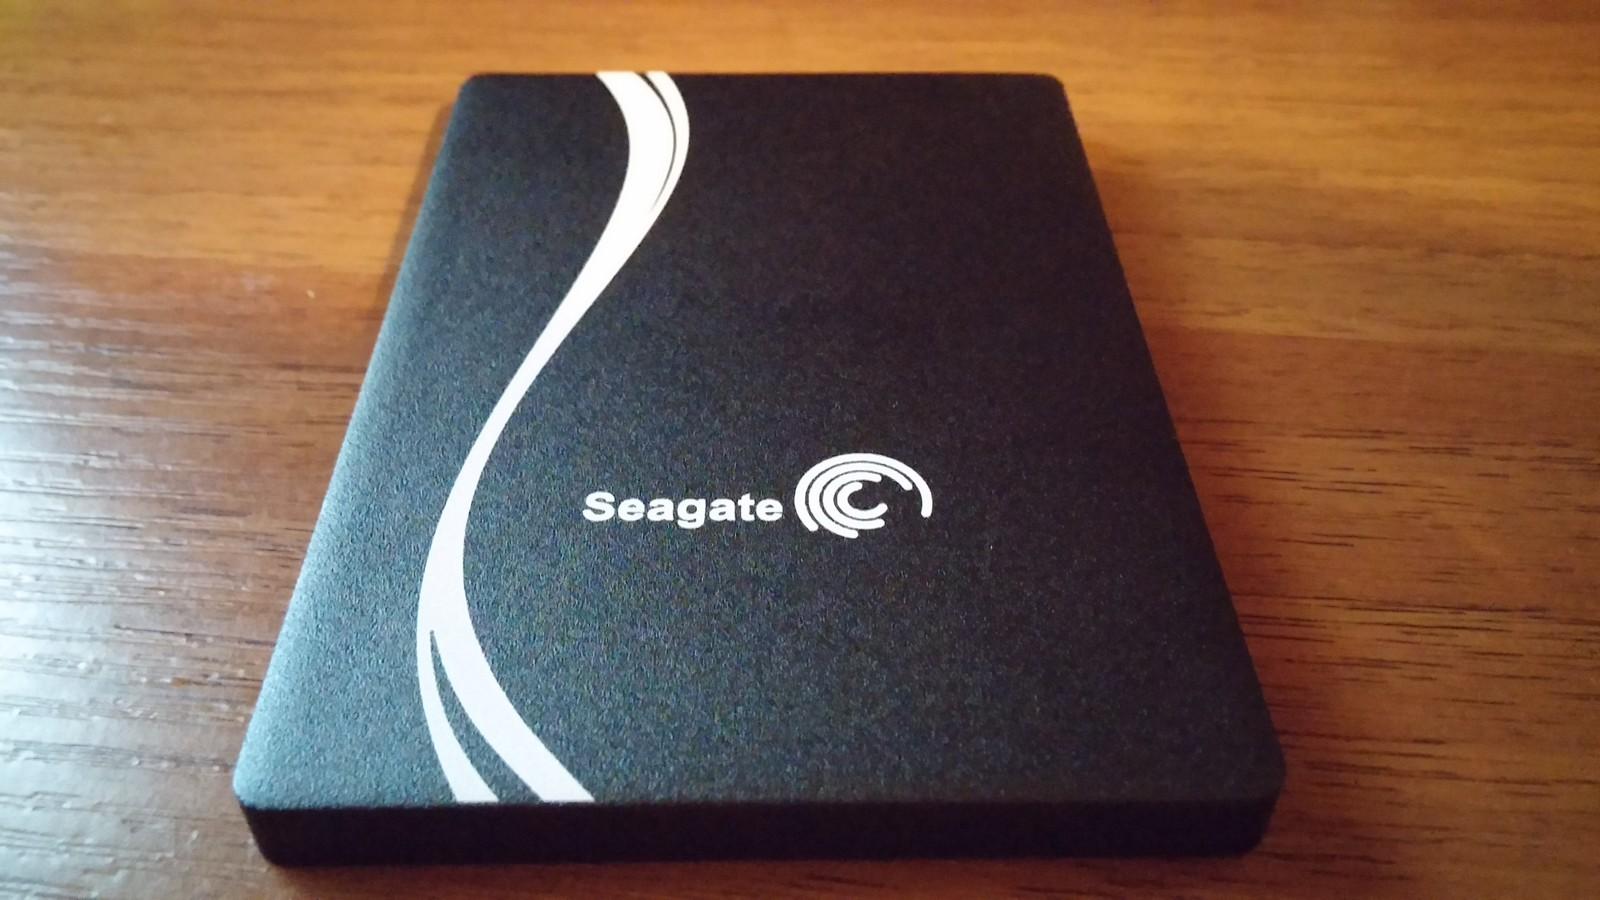 Seagate 600 480 GB